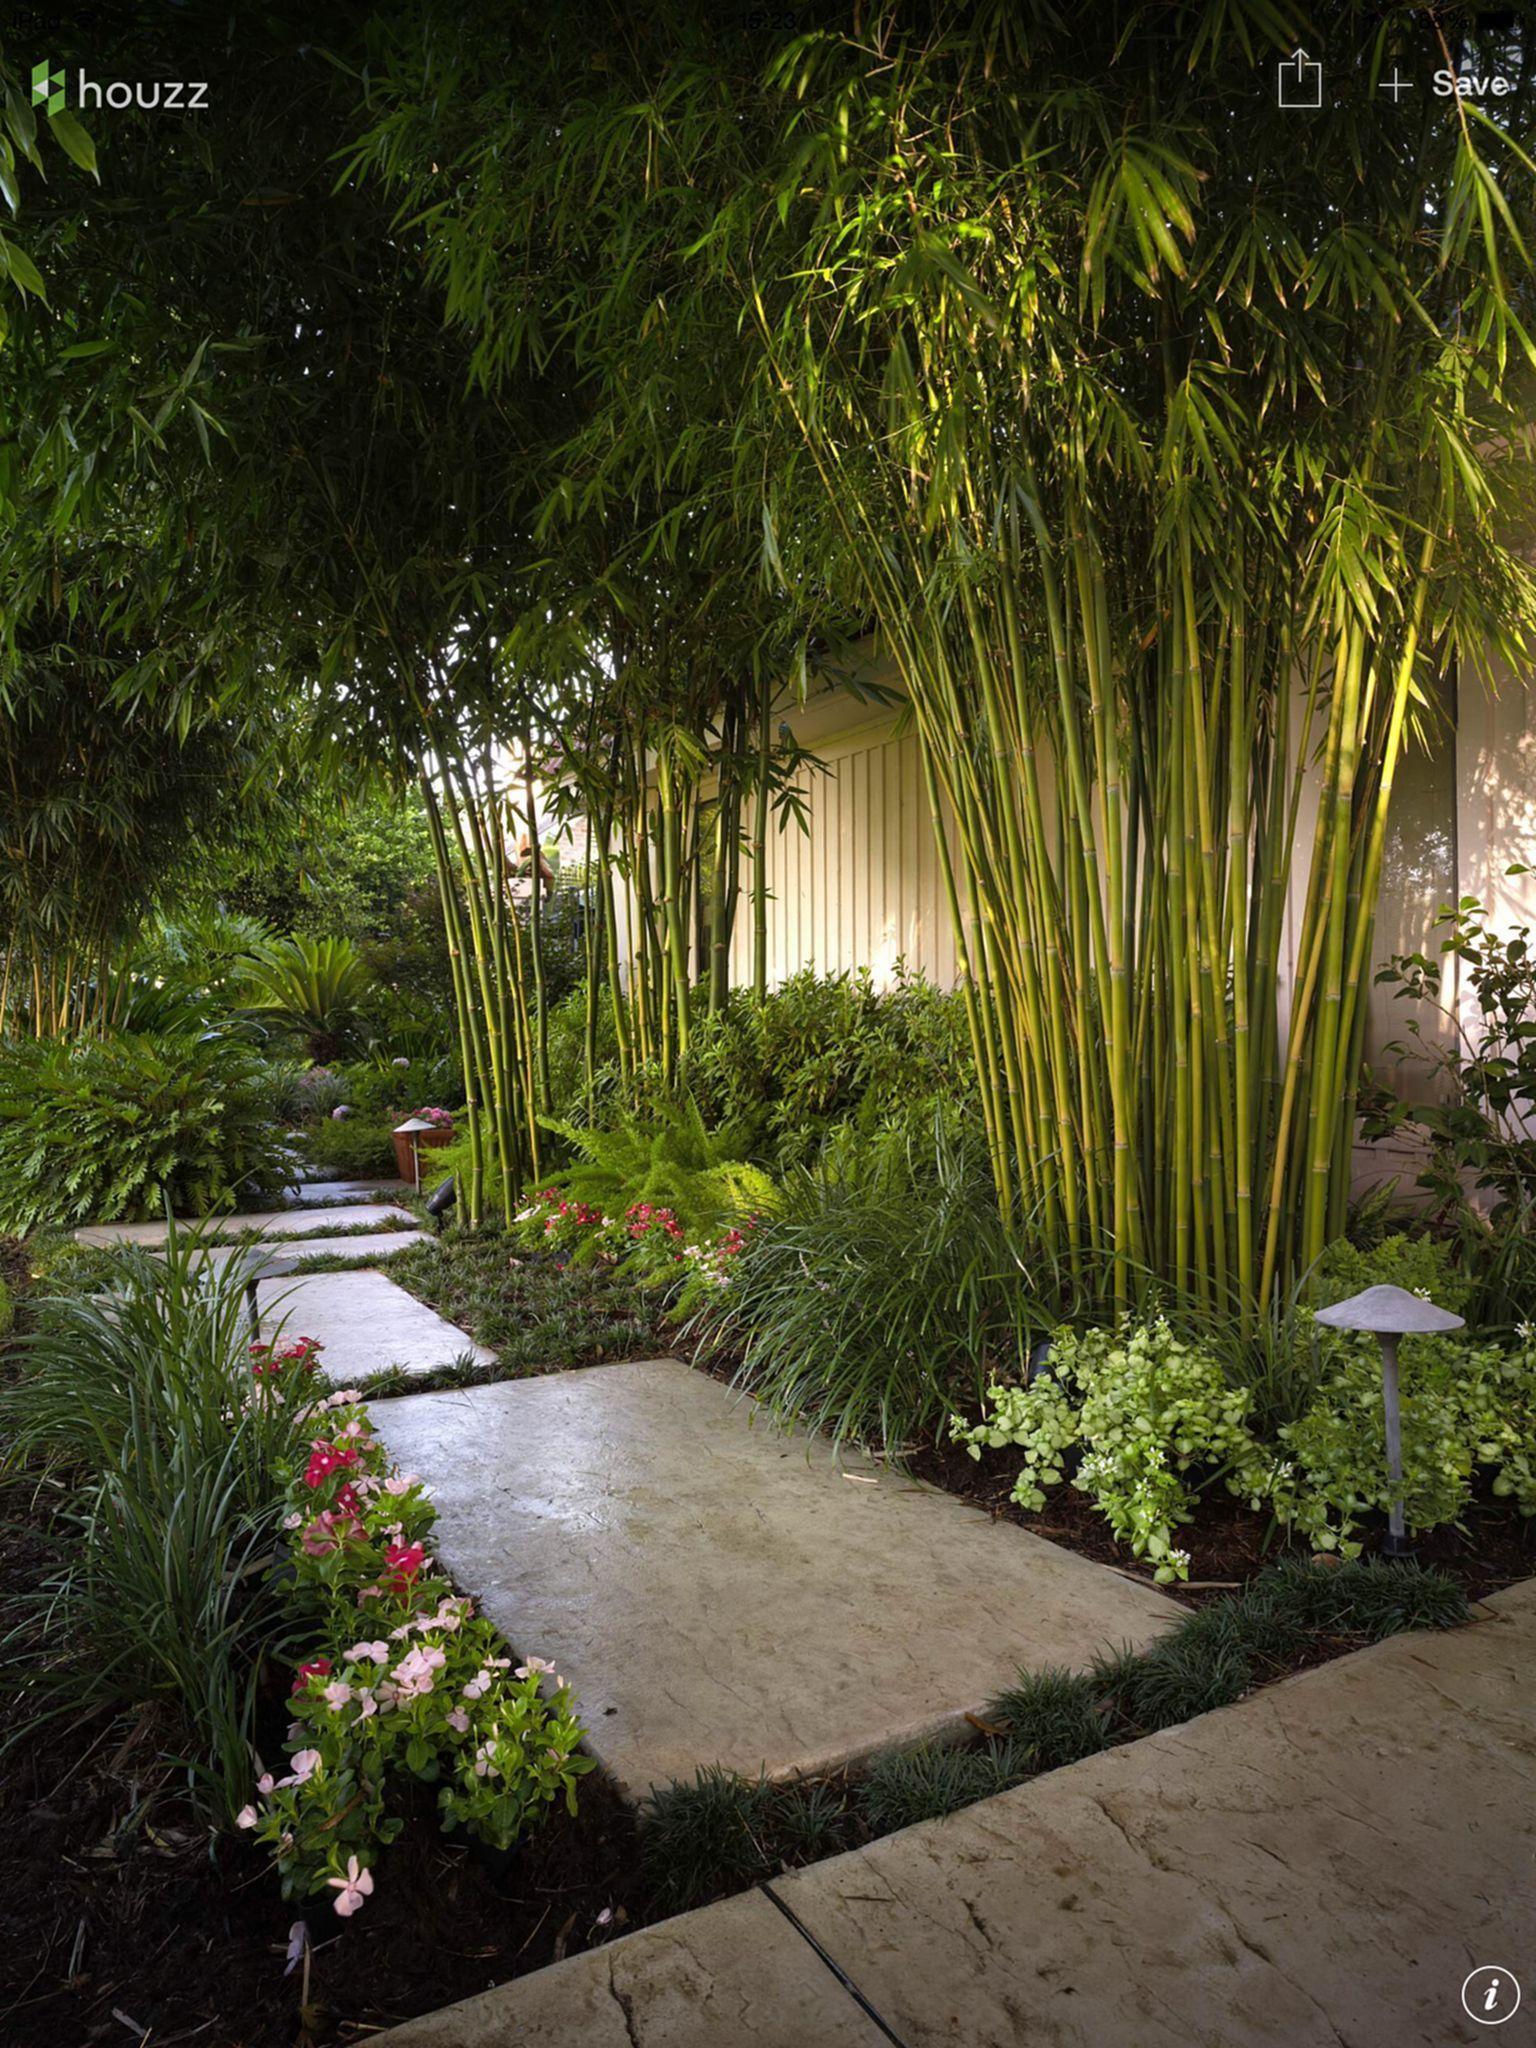 New Tropical Garden Design Small Spaces Landscaping Ideas 110 Beautiful Garden Design Ideas In 2020 Tropical Garden Design Garden Landscape Design Small Garden Design